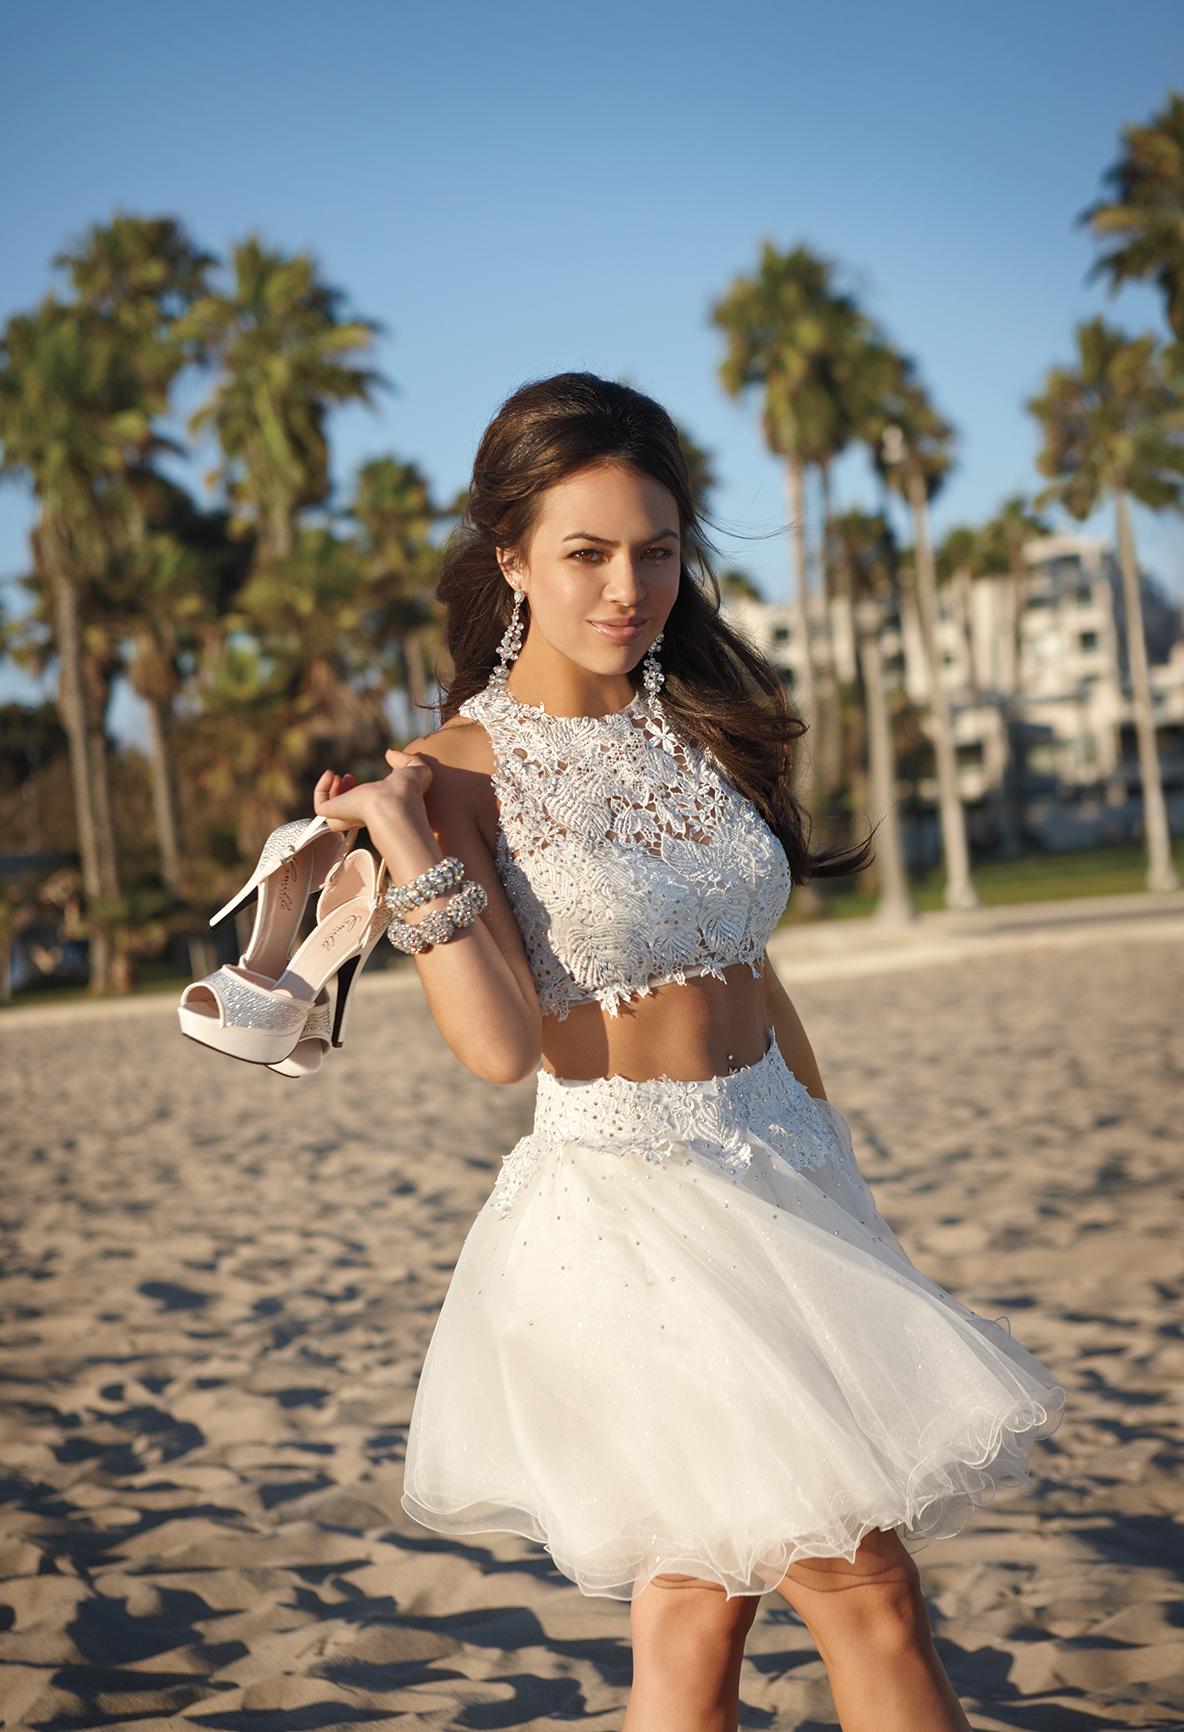 Berühmt La Camille Prom Kleider Bilder - Brautkleider Ideen ...